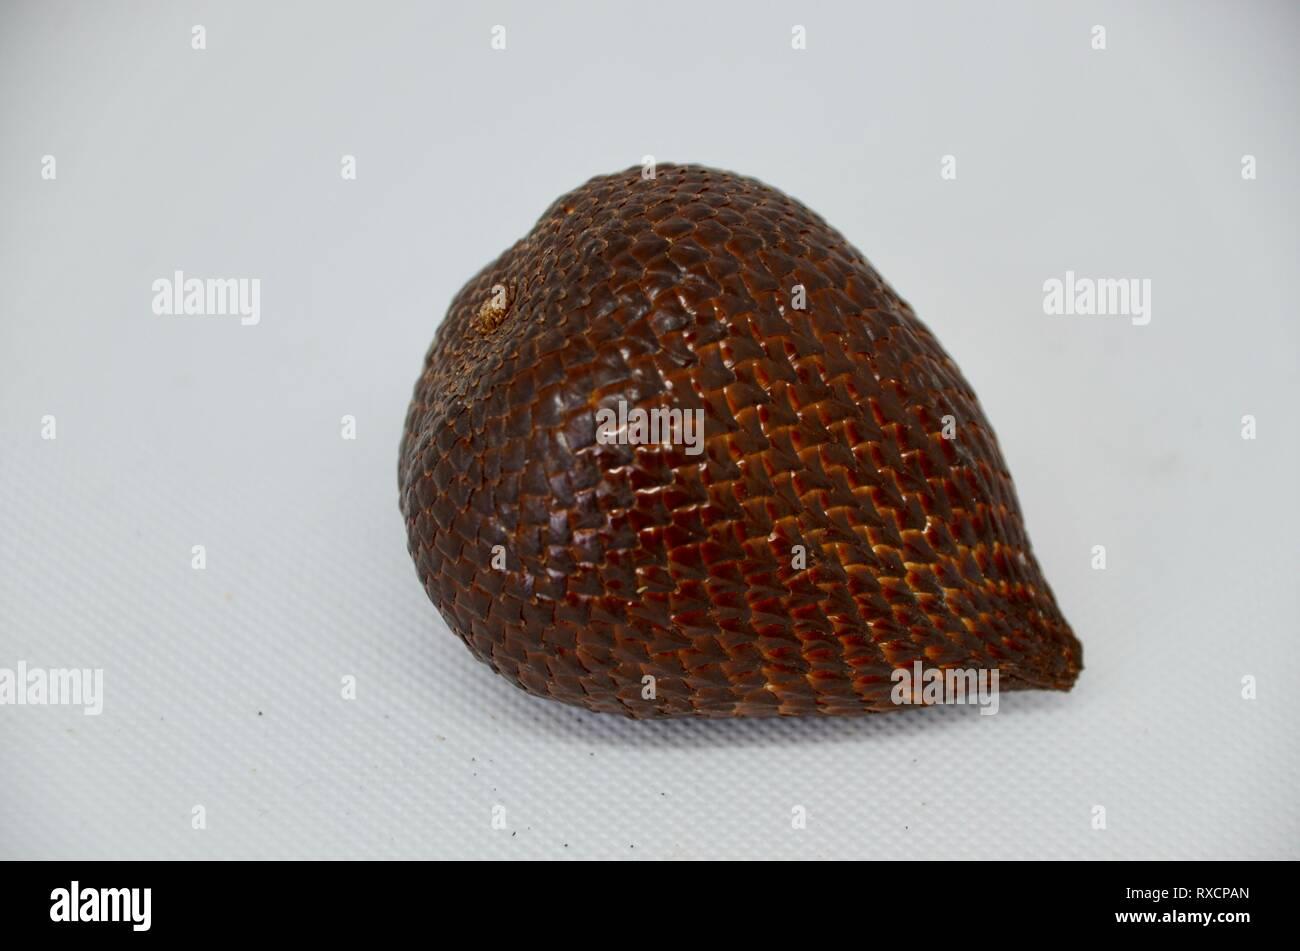 indonesian salak scaly snake fruit - Stock Image